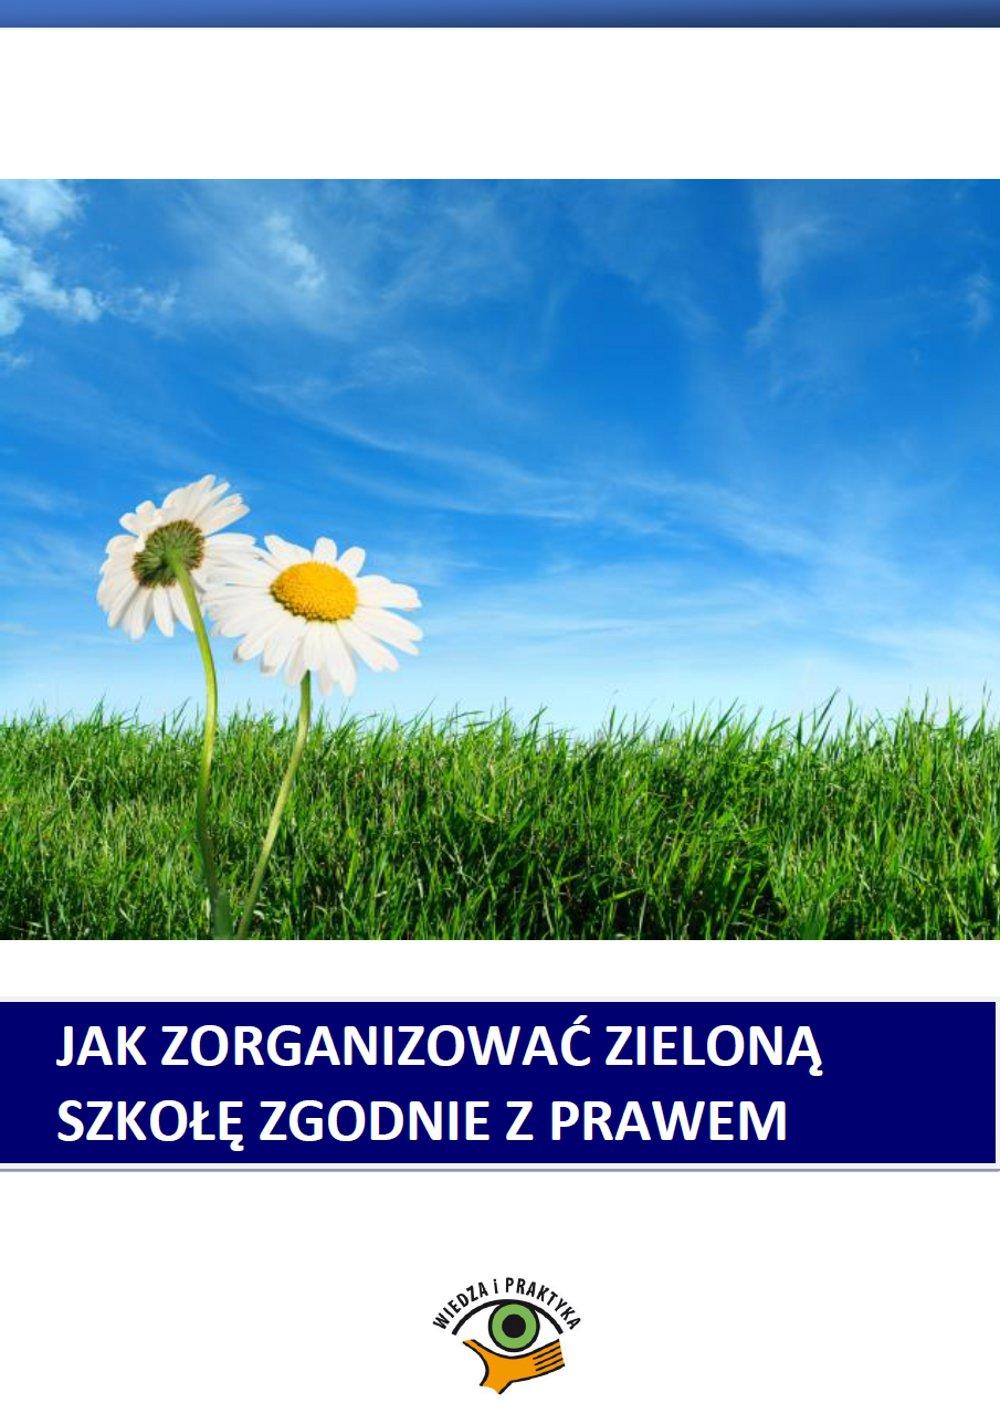 Jak zorganizować zieloną szkołę zgodnie z prawem - Ebook (Książka PDF) do pobrania w formacie PDF